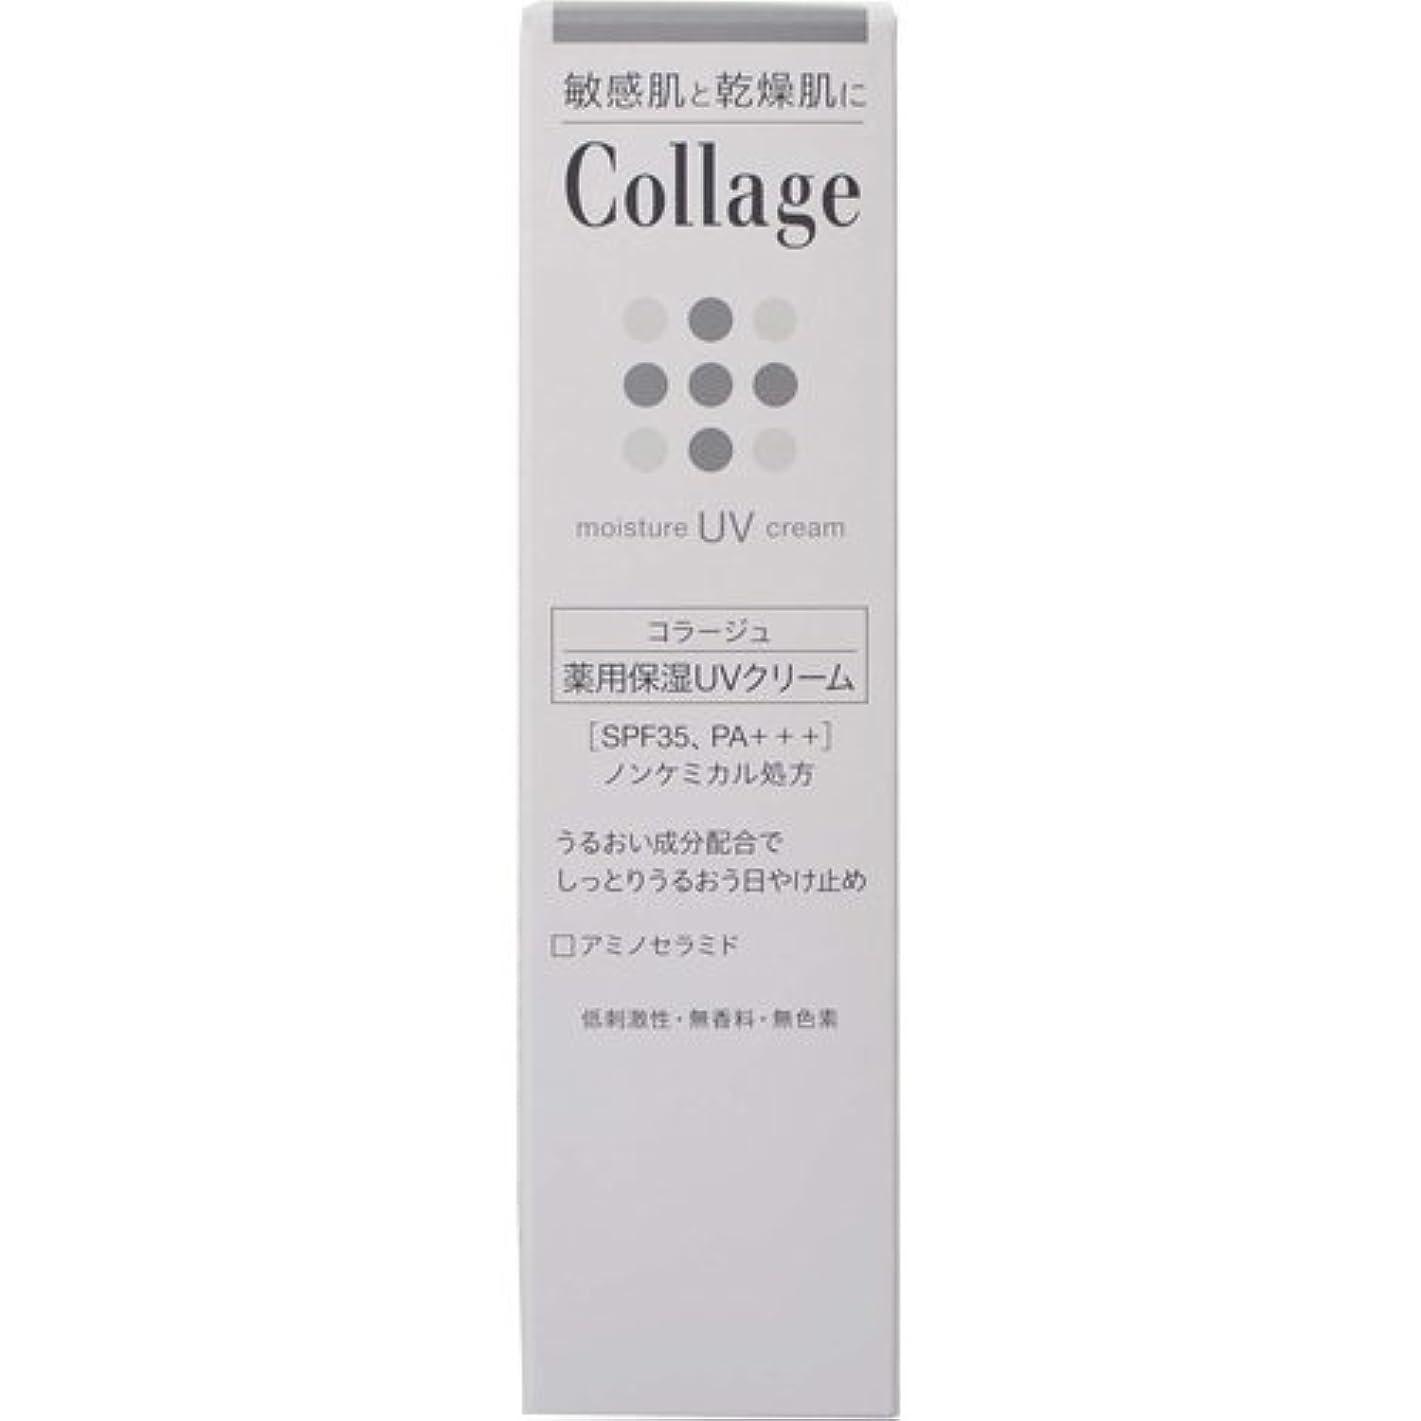 再び逆に暖炉コラージュ 薬用保湿UVクリーム 30g 【医薬部外品】